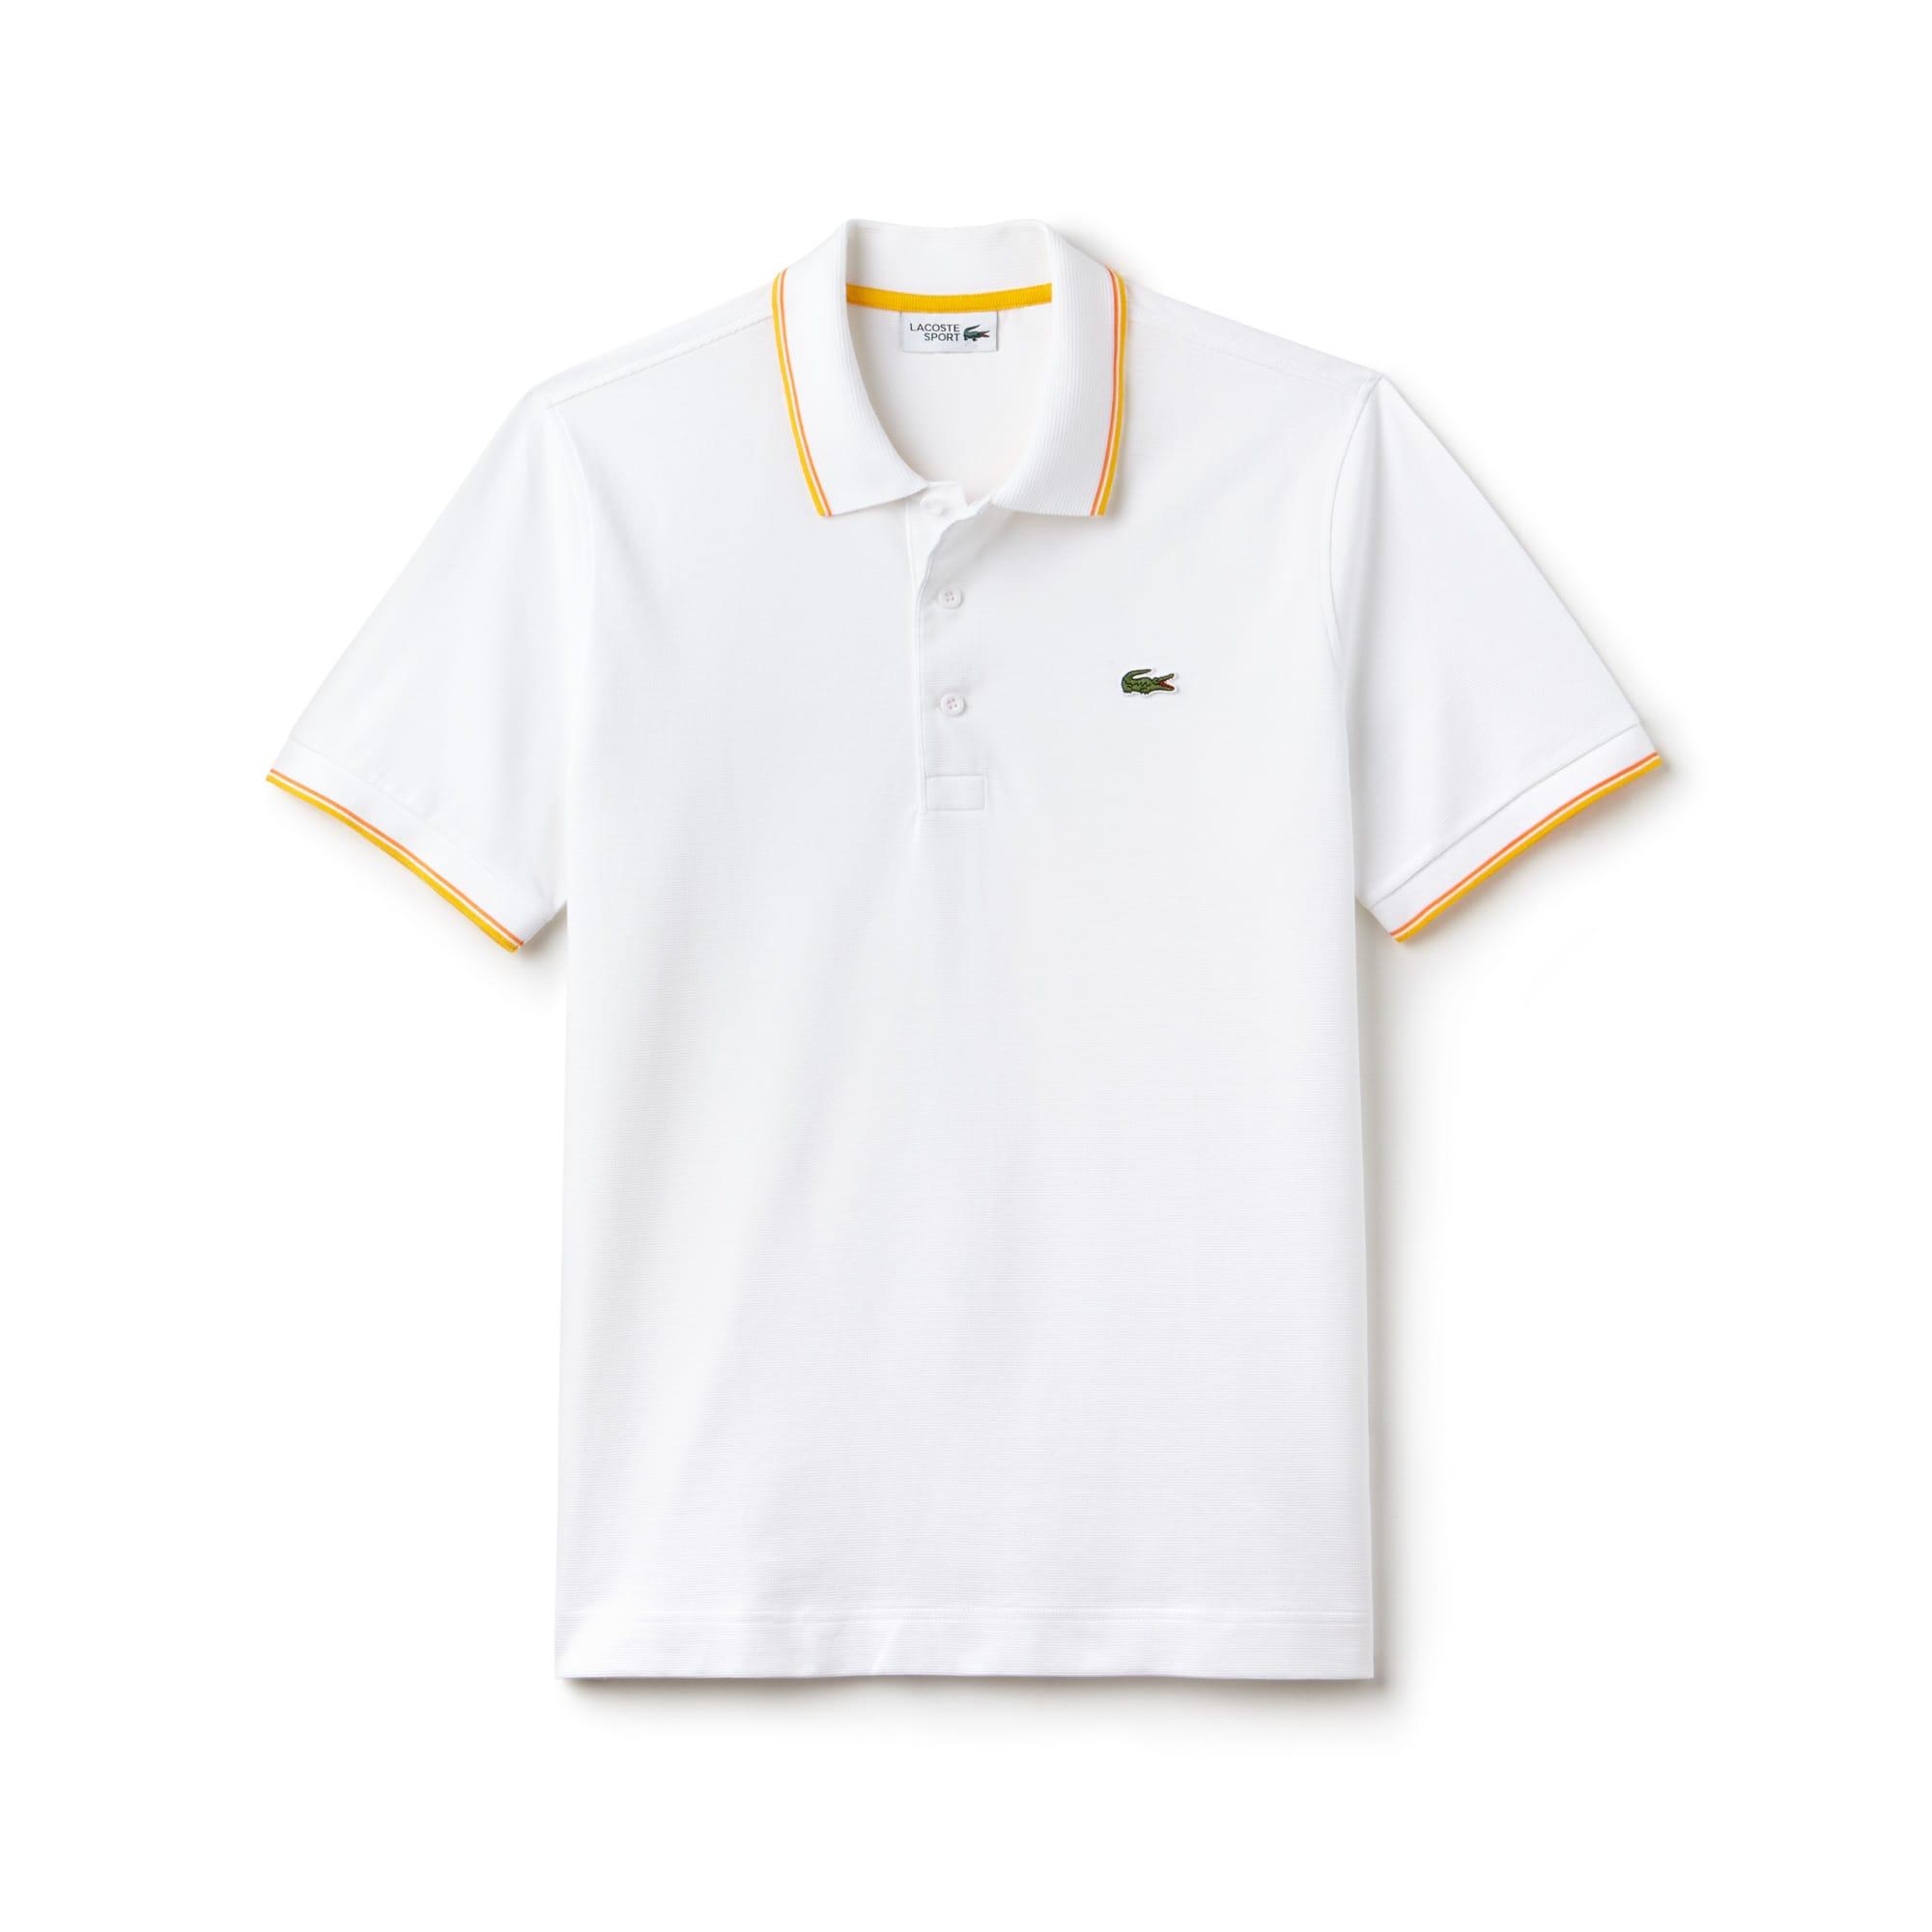 87cc89a9c7 ... Camisa Polo Lacoste SPORT Masculina em Malha Ultraleve com Acabamento em  Vivo